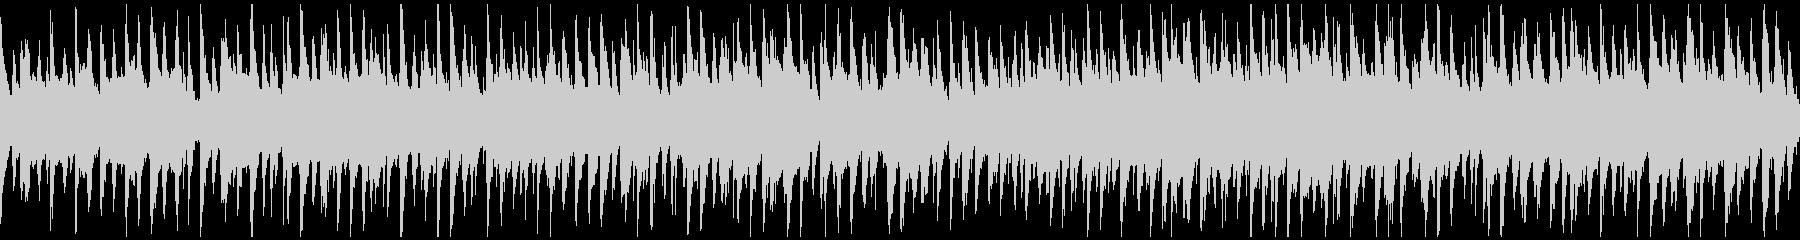 のほほん日常系のゆるいウクレレ※ループ版の未再生の波形